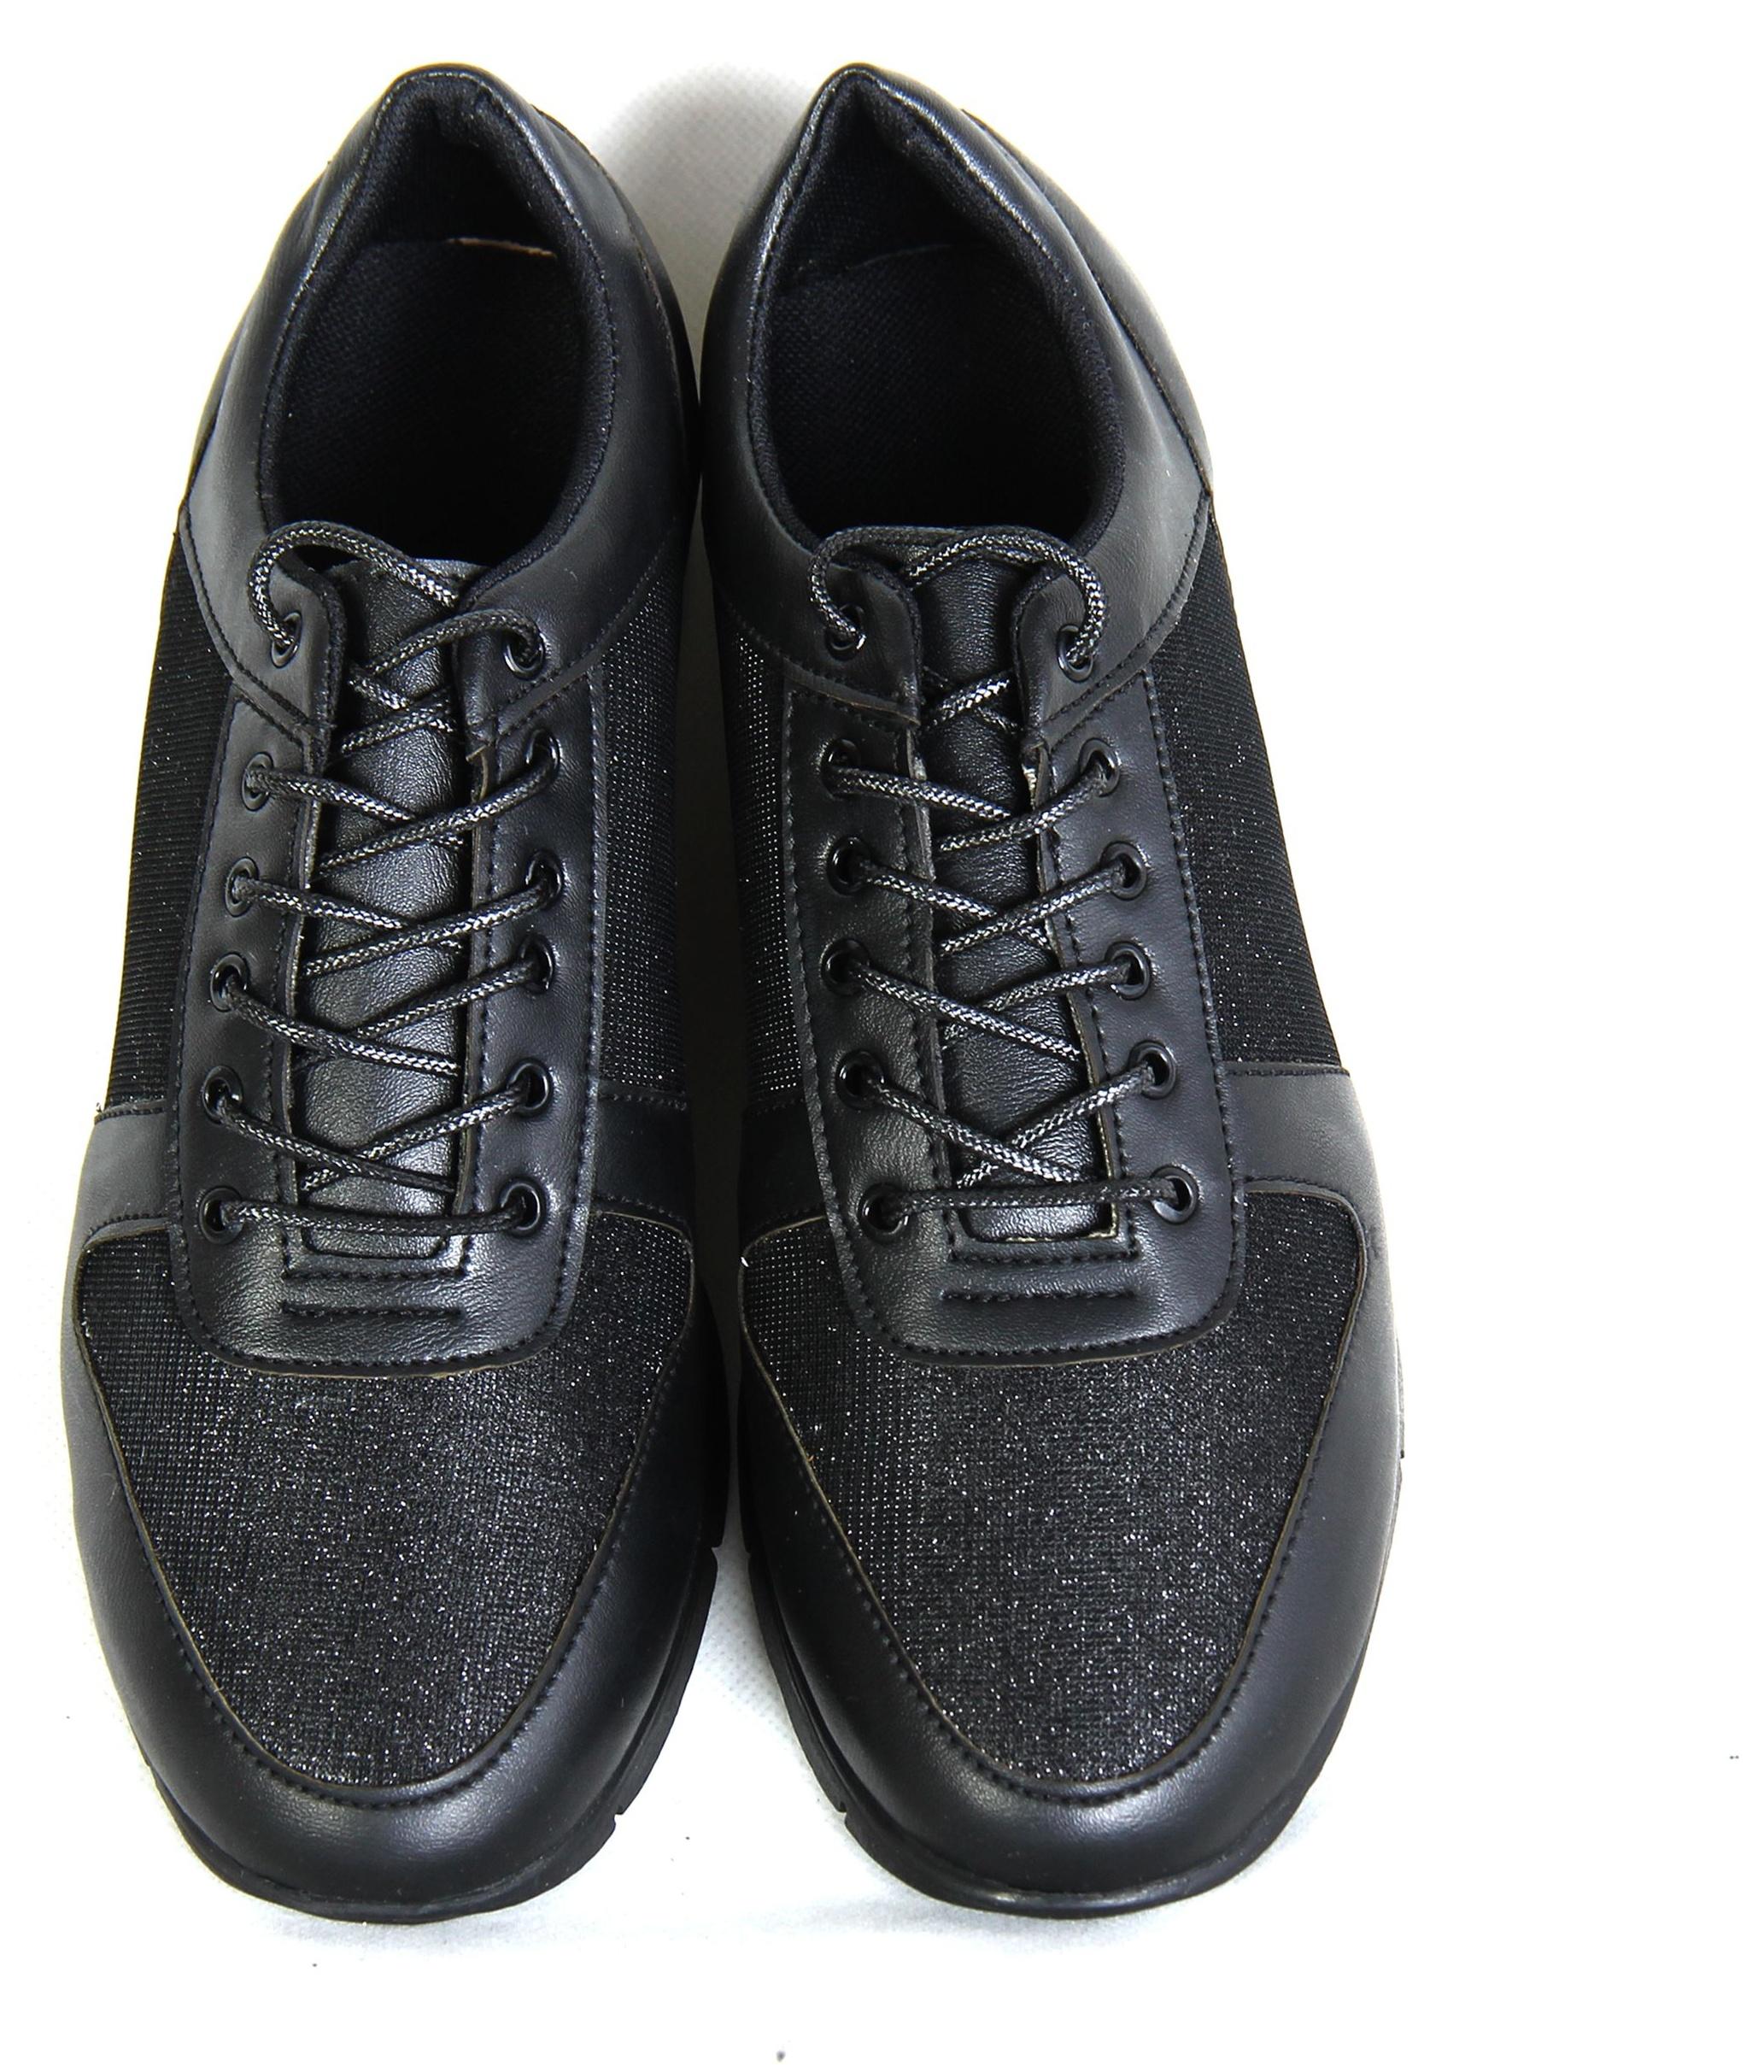 ست کیف و کفش زنانه کد 026  main 1 8